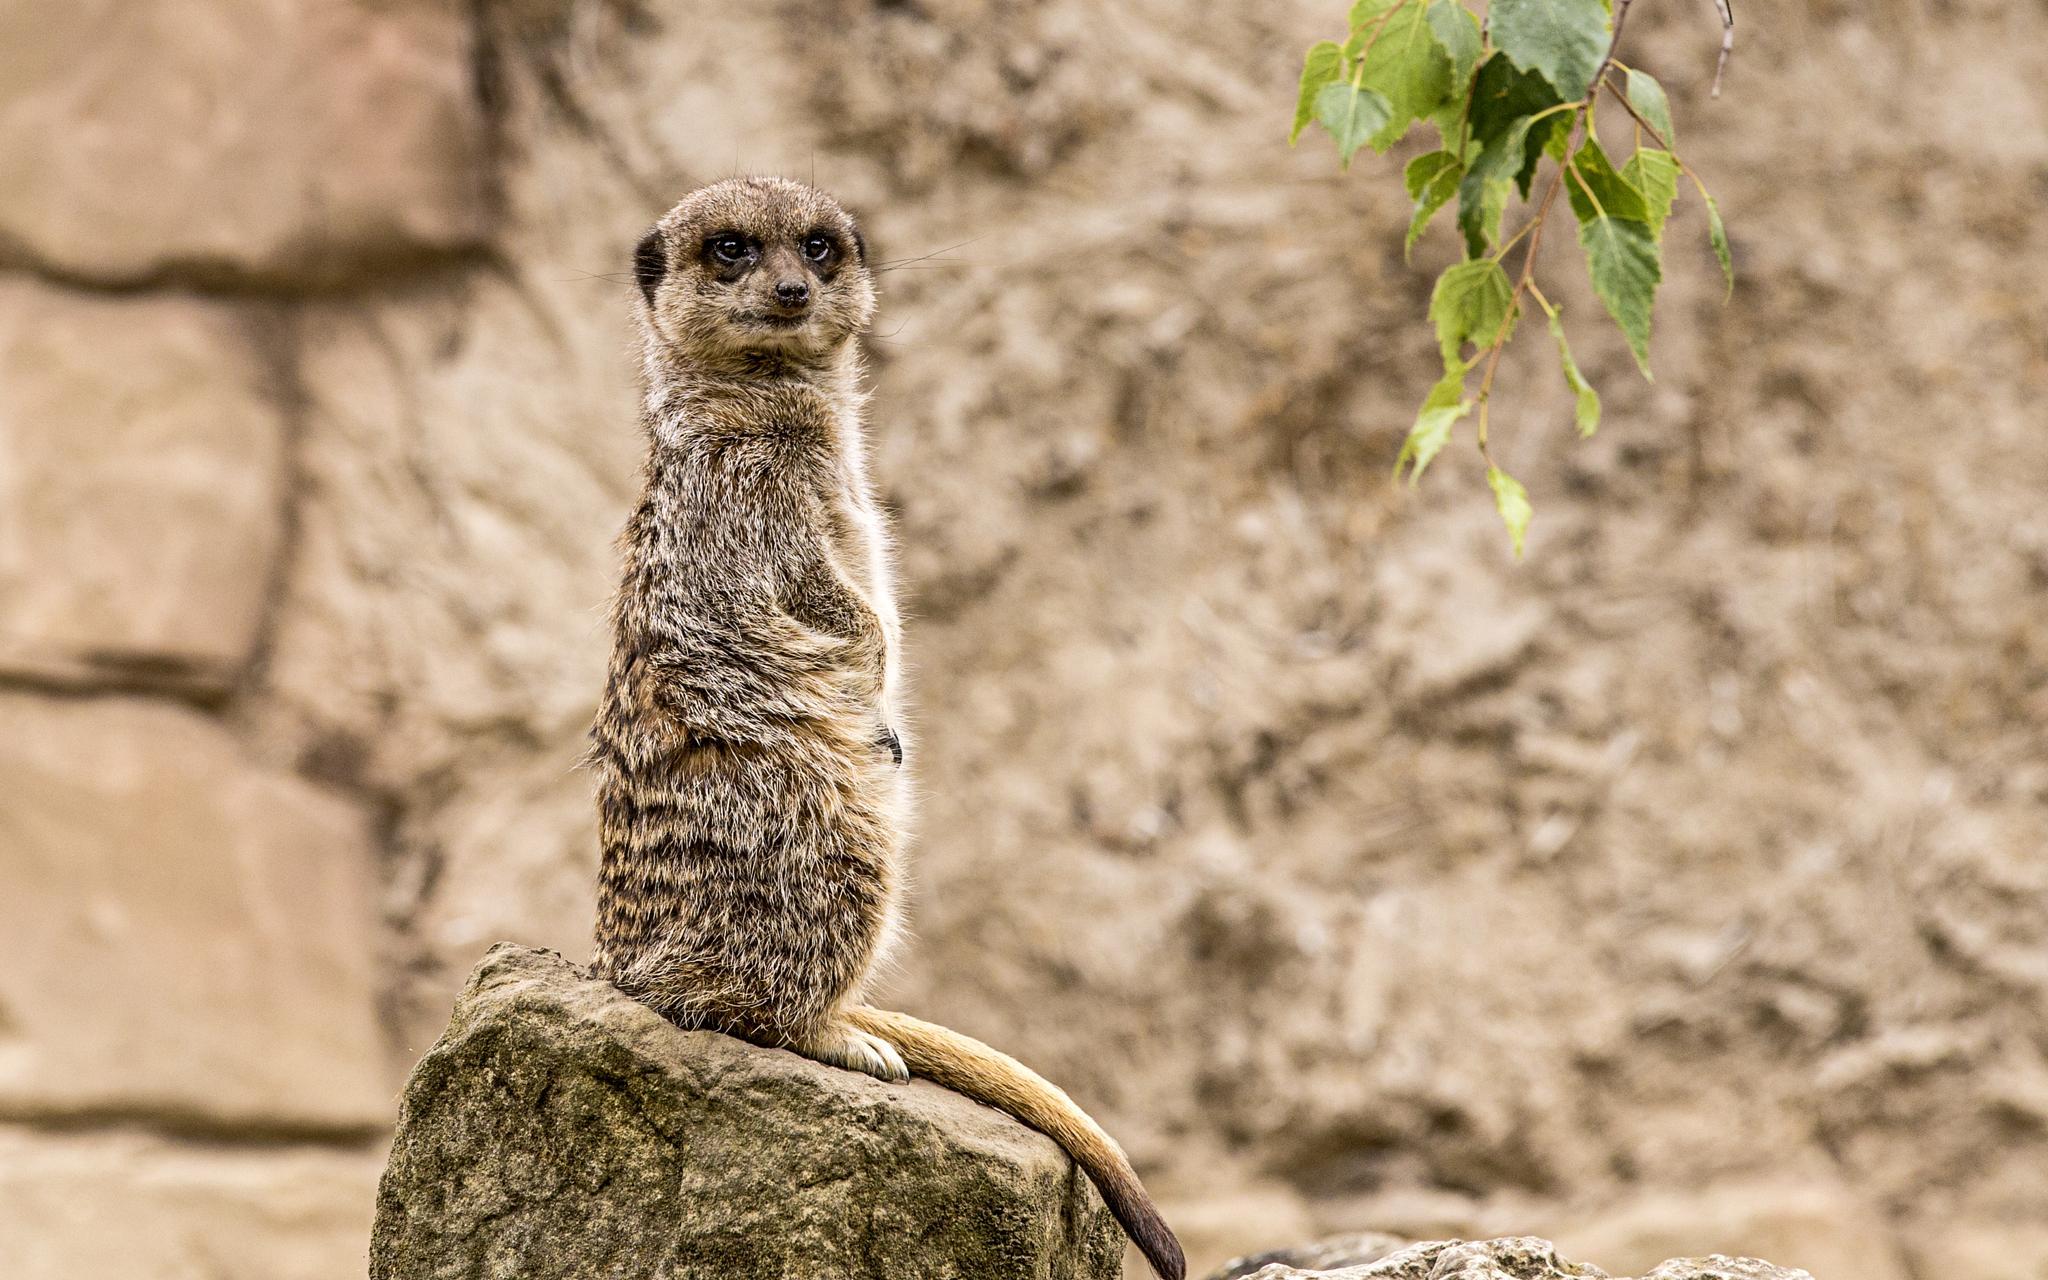 Meerkat by Tony Shaw